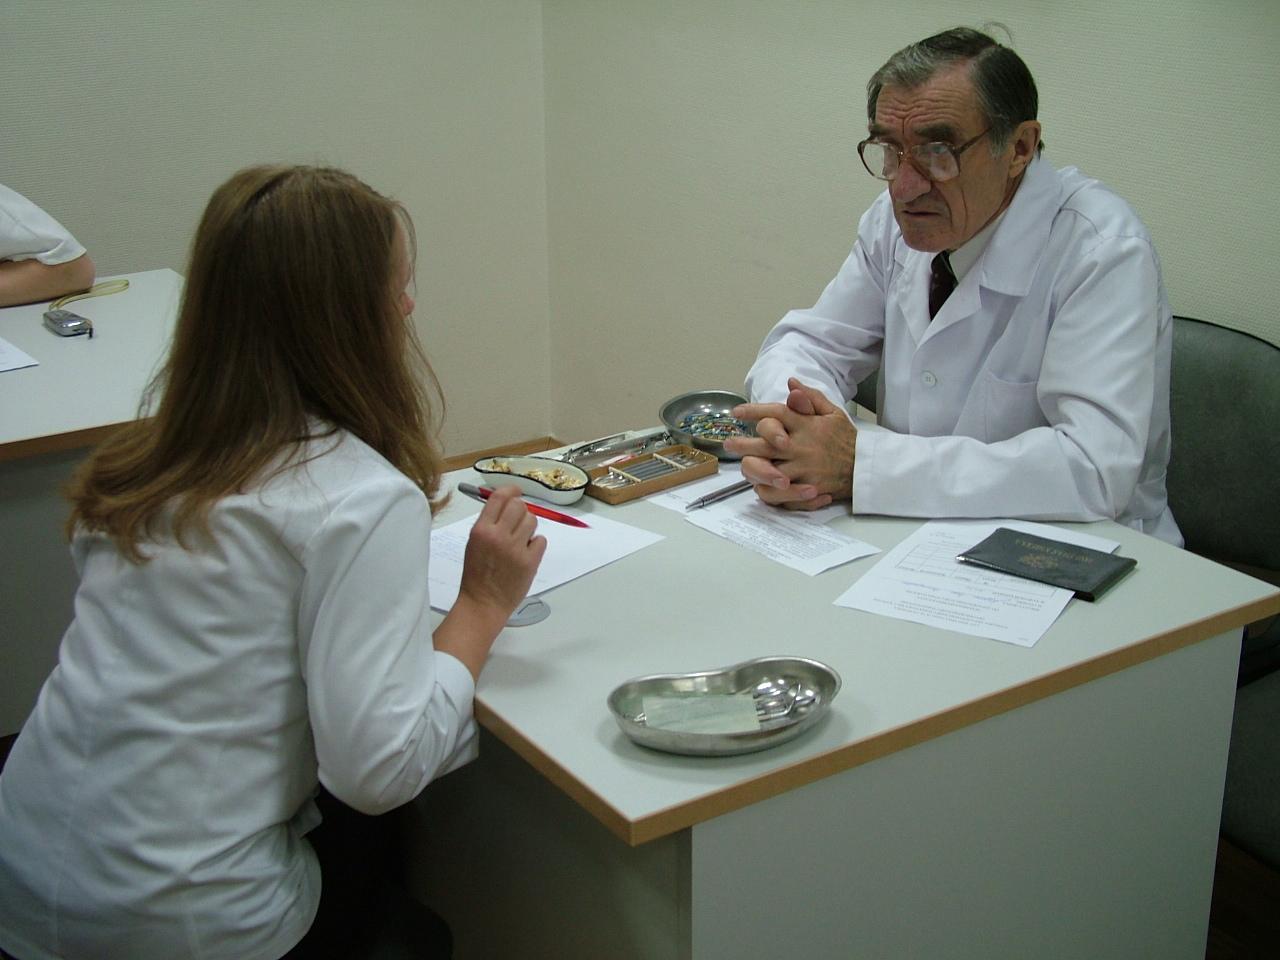 Сдаю экзамен по терапевтической стоматологии  строгому и знаменитому профессору Боровскому Евгению Власовичу